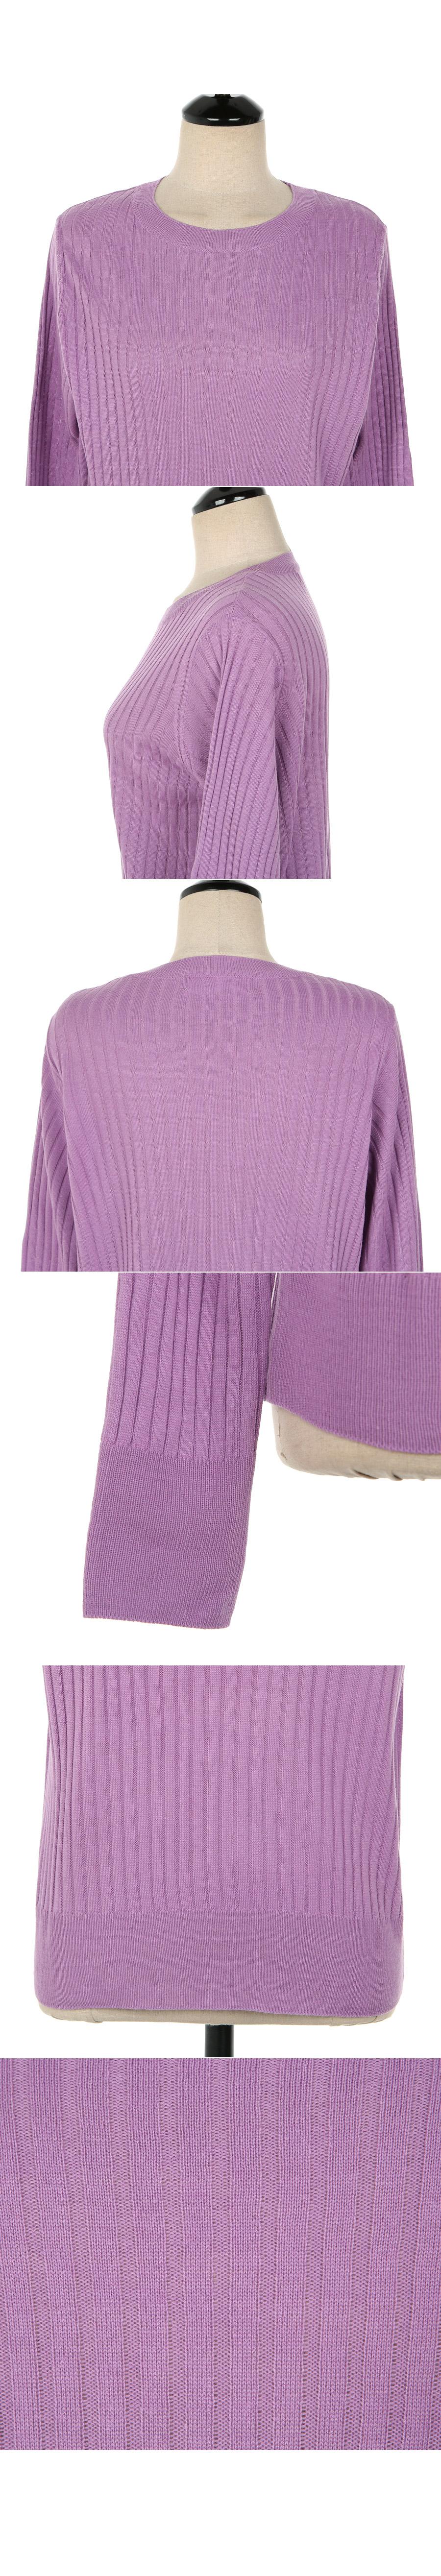 Bloom cori knit khaki